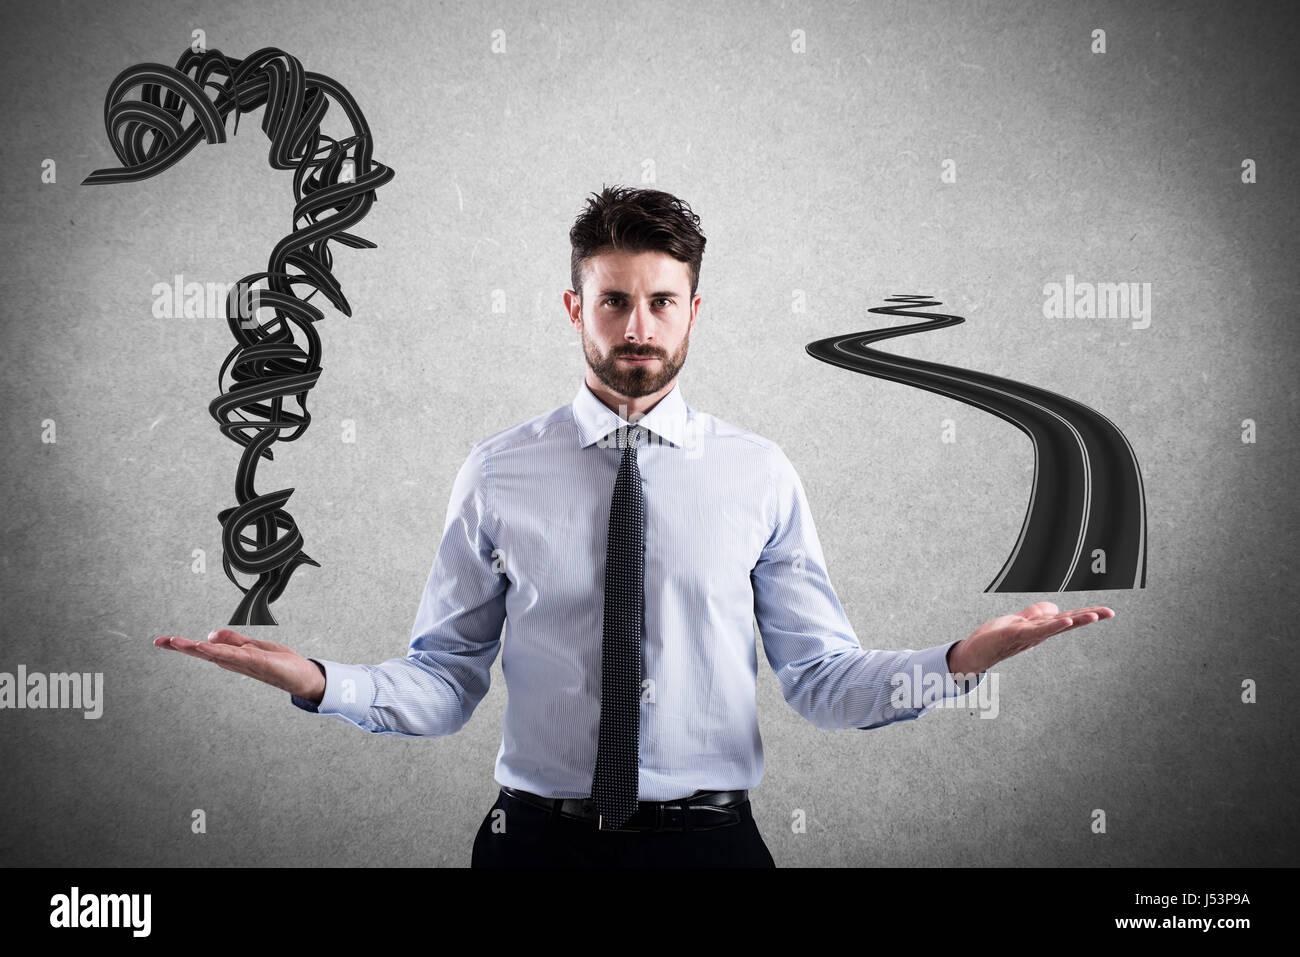 Fácil y difícil camino para la carrera de negocios Imagen De Stock